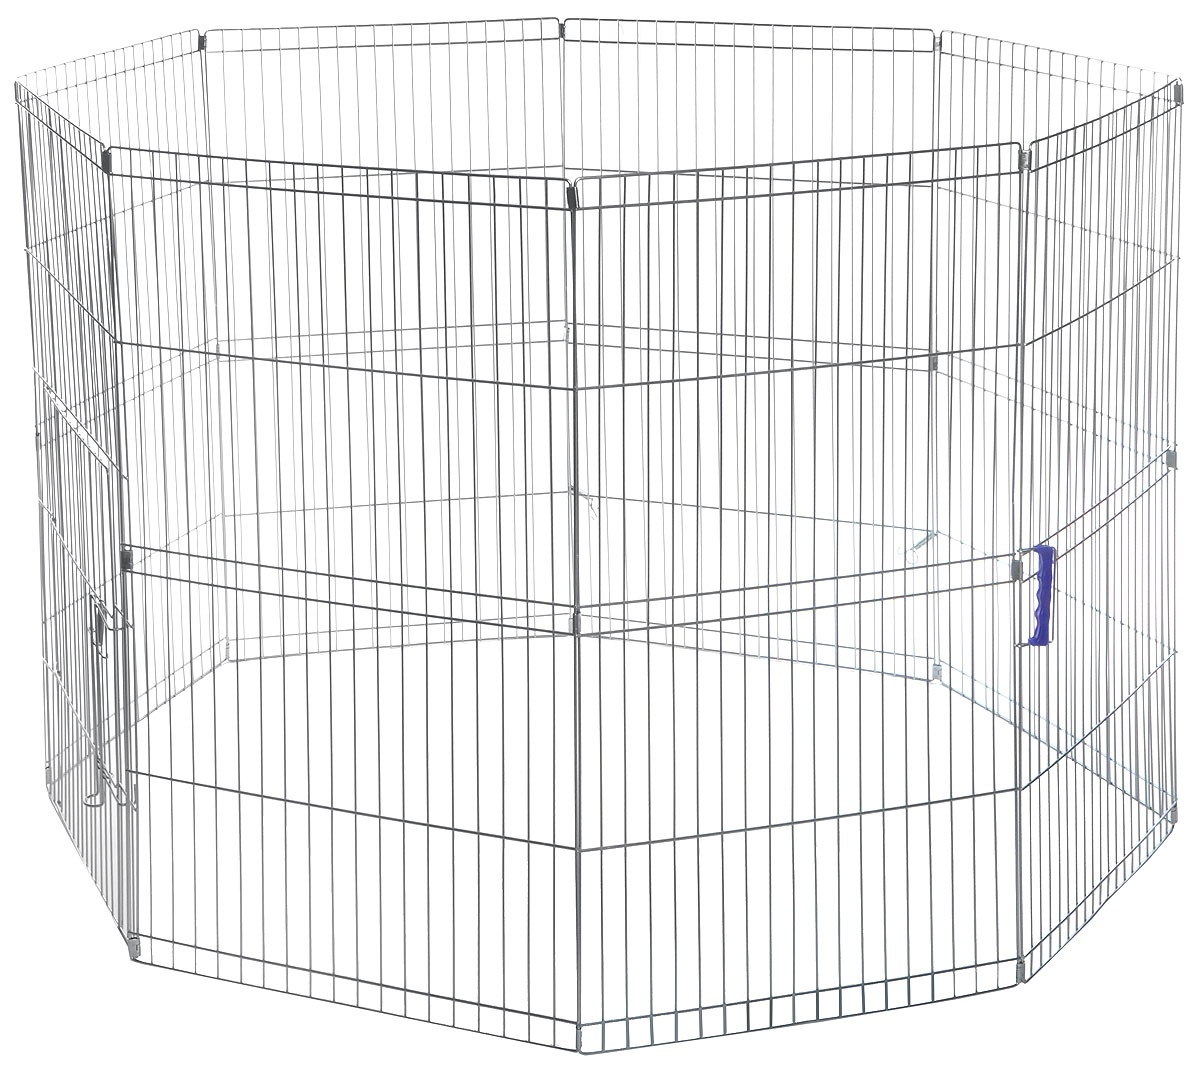 Клетка-загон для животных  Camon , складная, 8 панелей, 57 x 100 см - Клетки, вольеры, будки